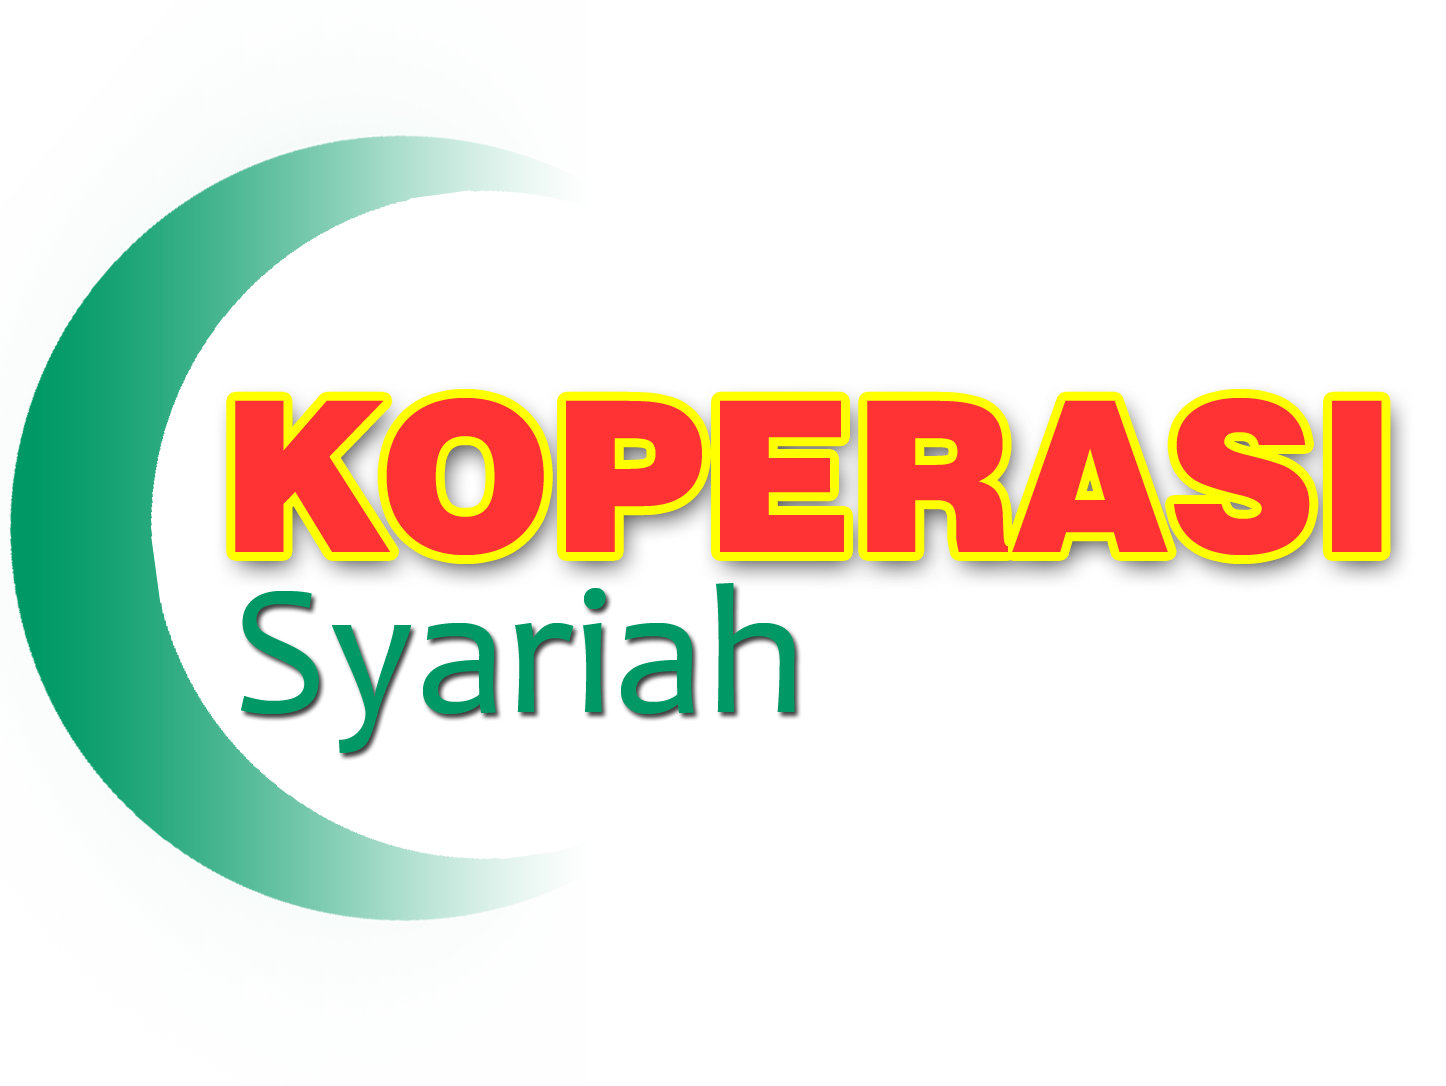 Bank Dunia: Pelayanan Koperasi Syariah di Indonesia Mudah dan Cepat